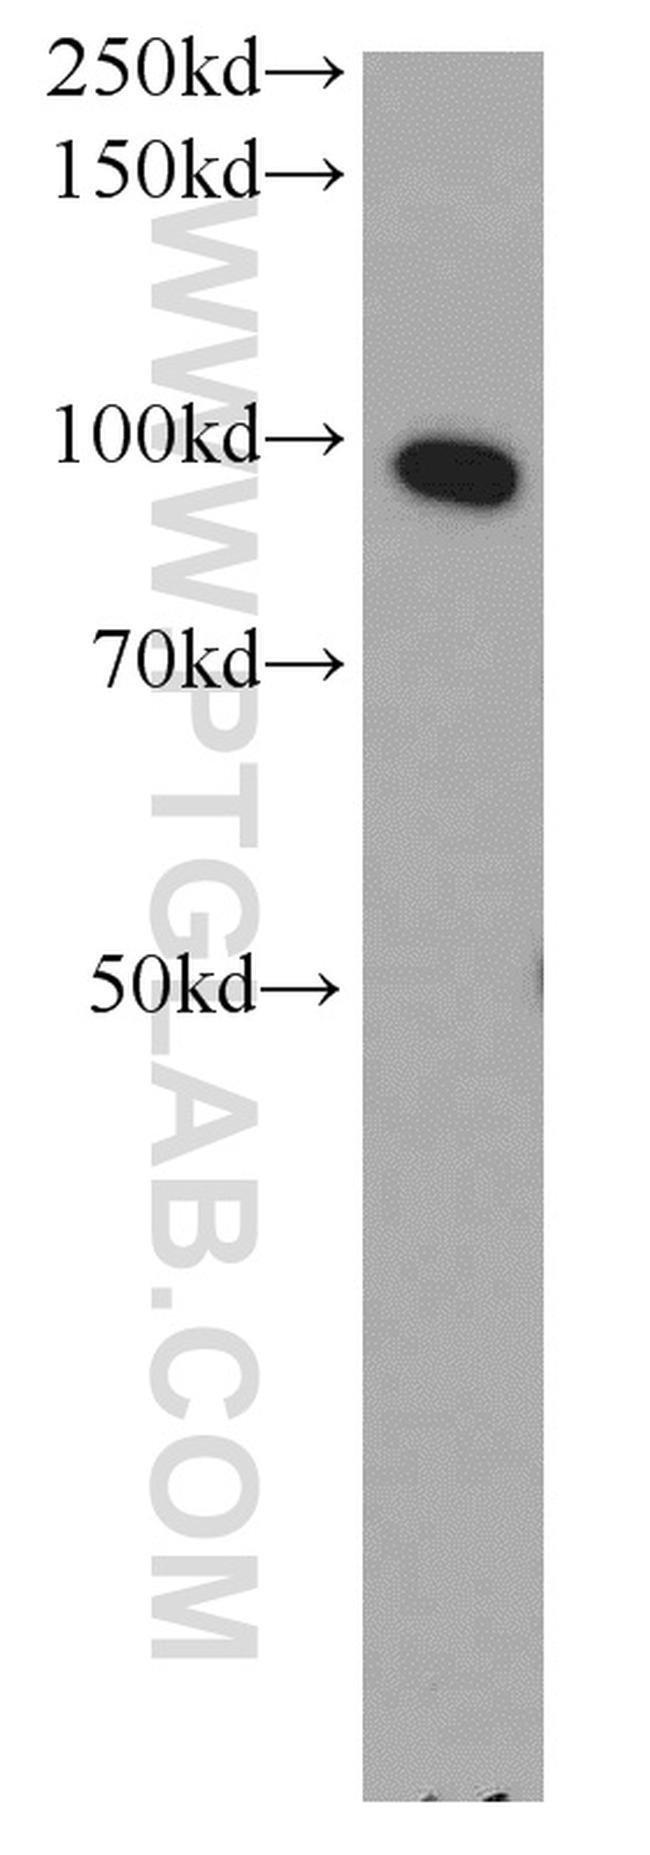 ELAC2 Rabbit anti-Human, Mouse, Rat, Polyclonal, Proteintech 150 μL; Unconjugated voir les résultats